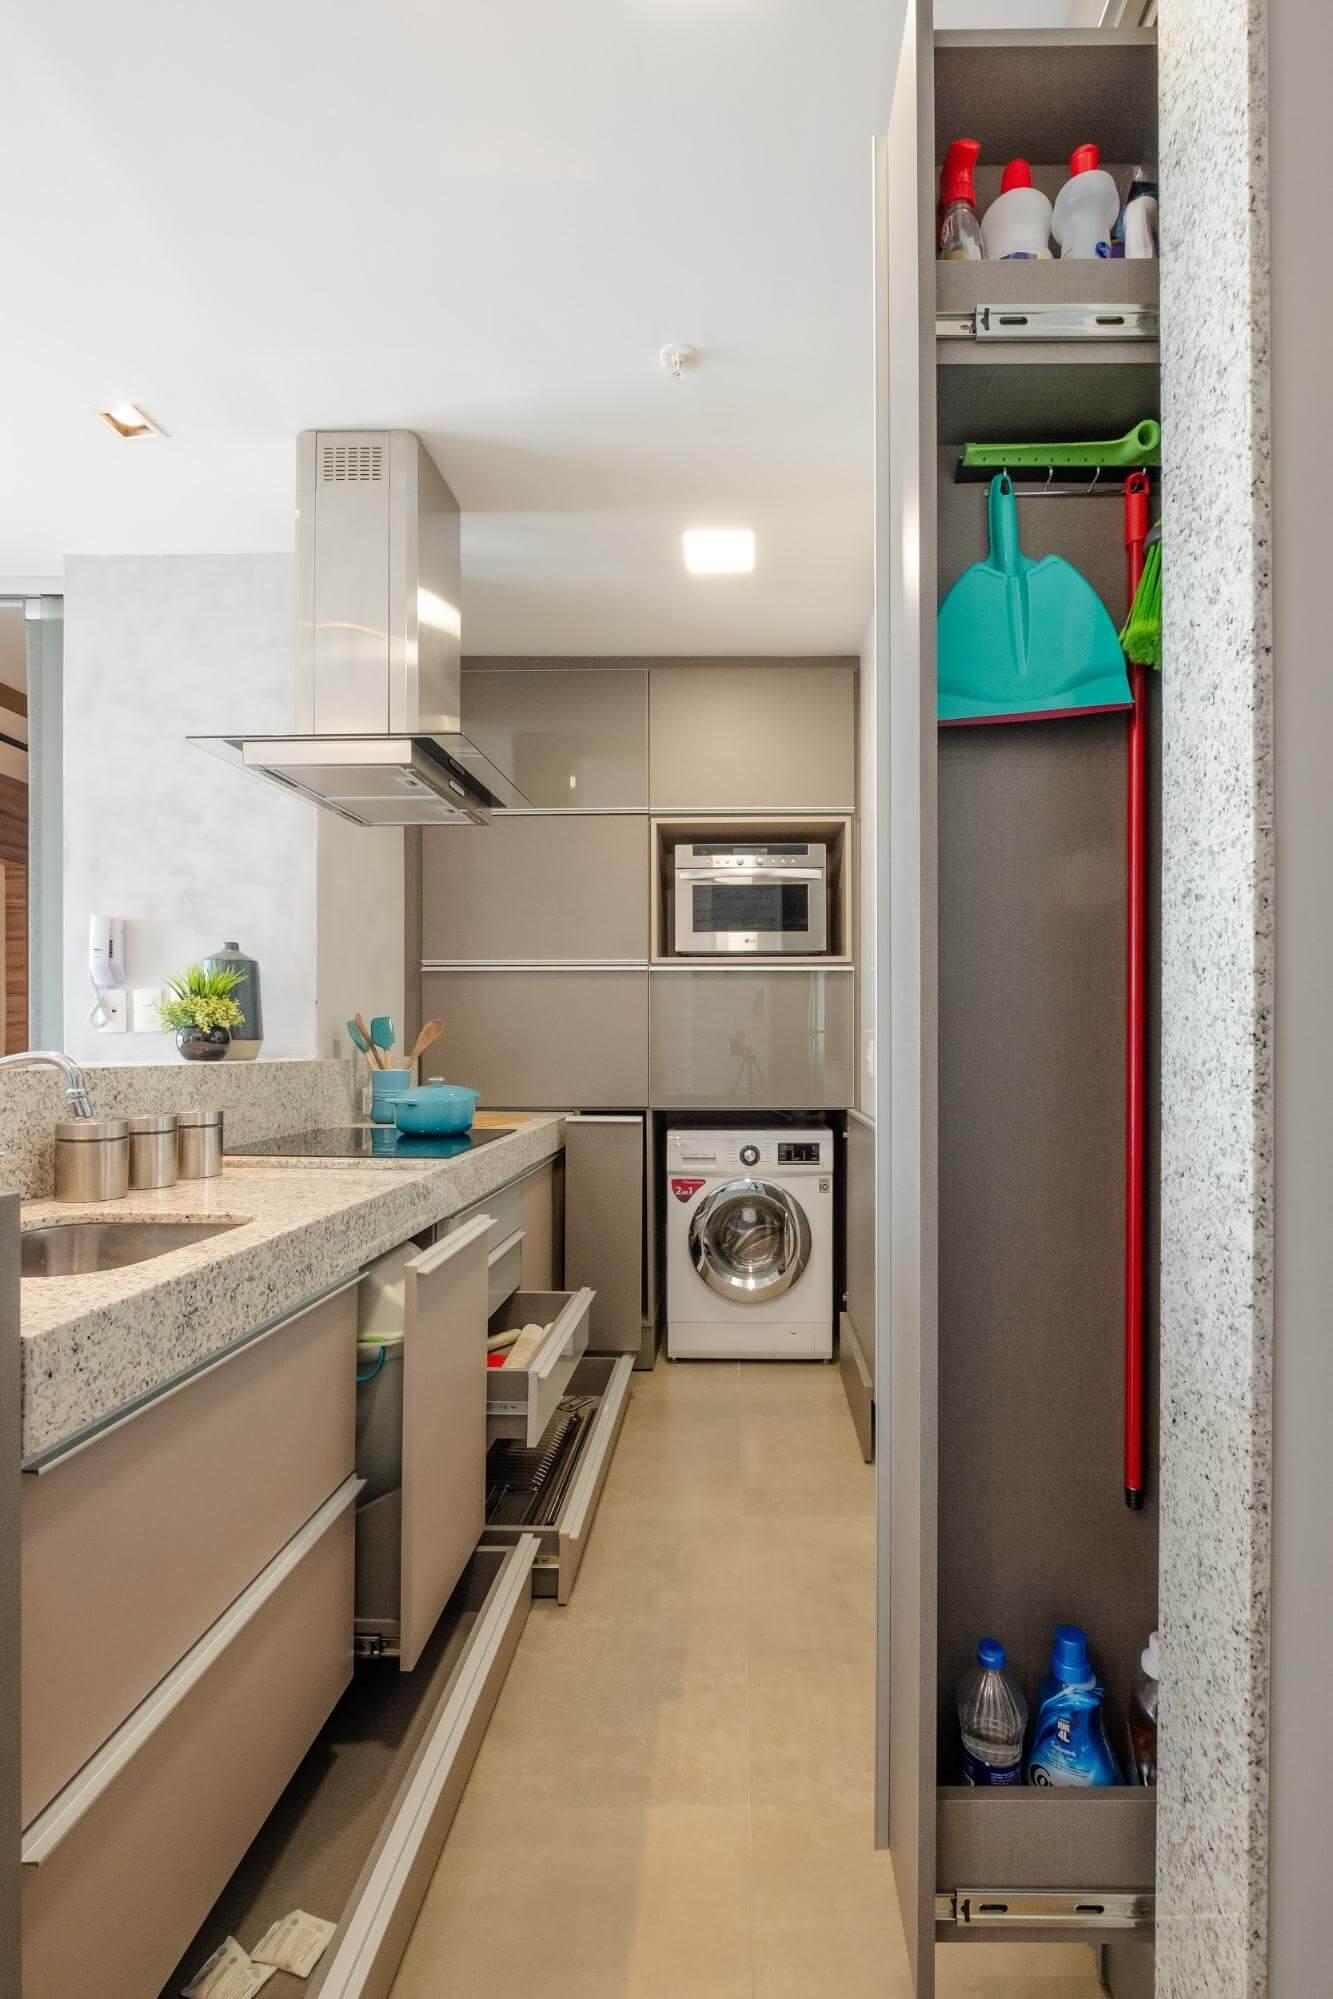 Apartamento pequeno - armários de correr